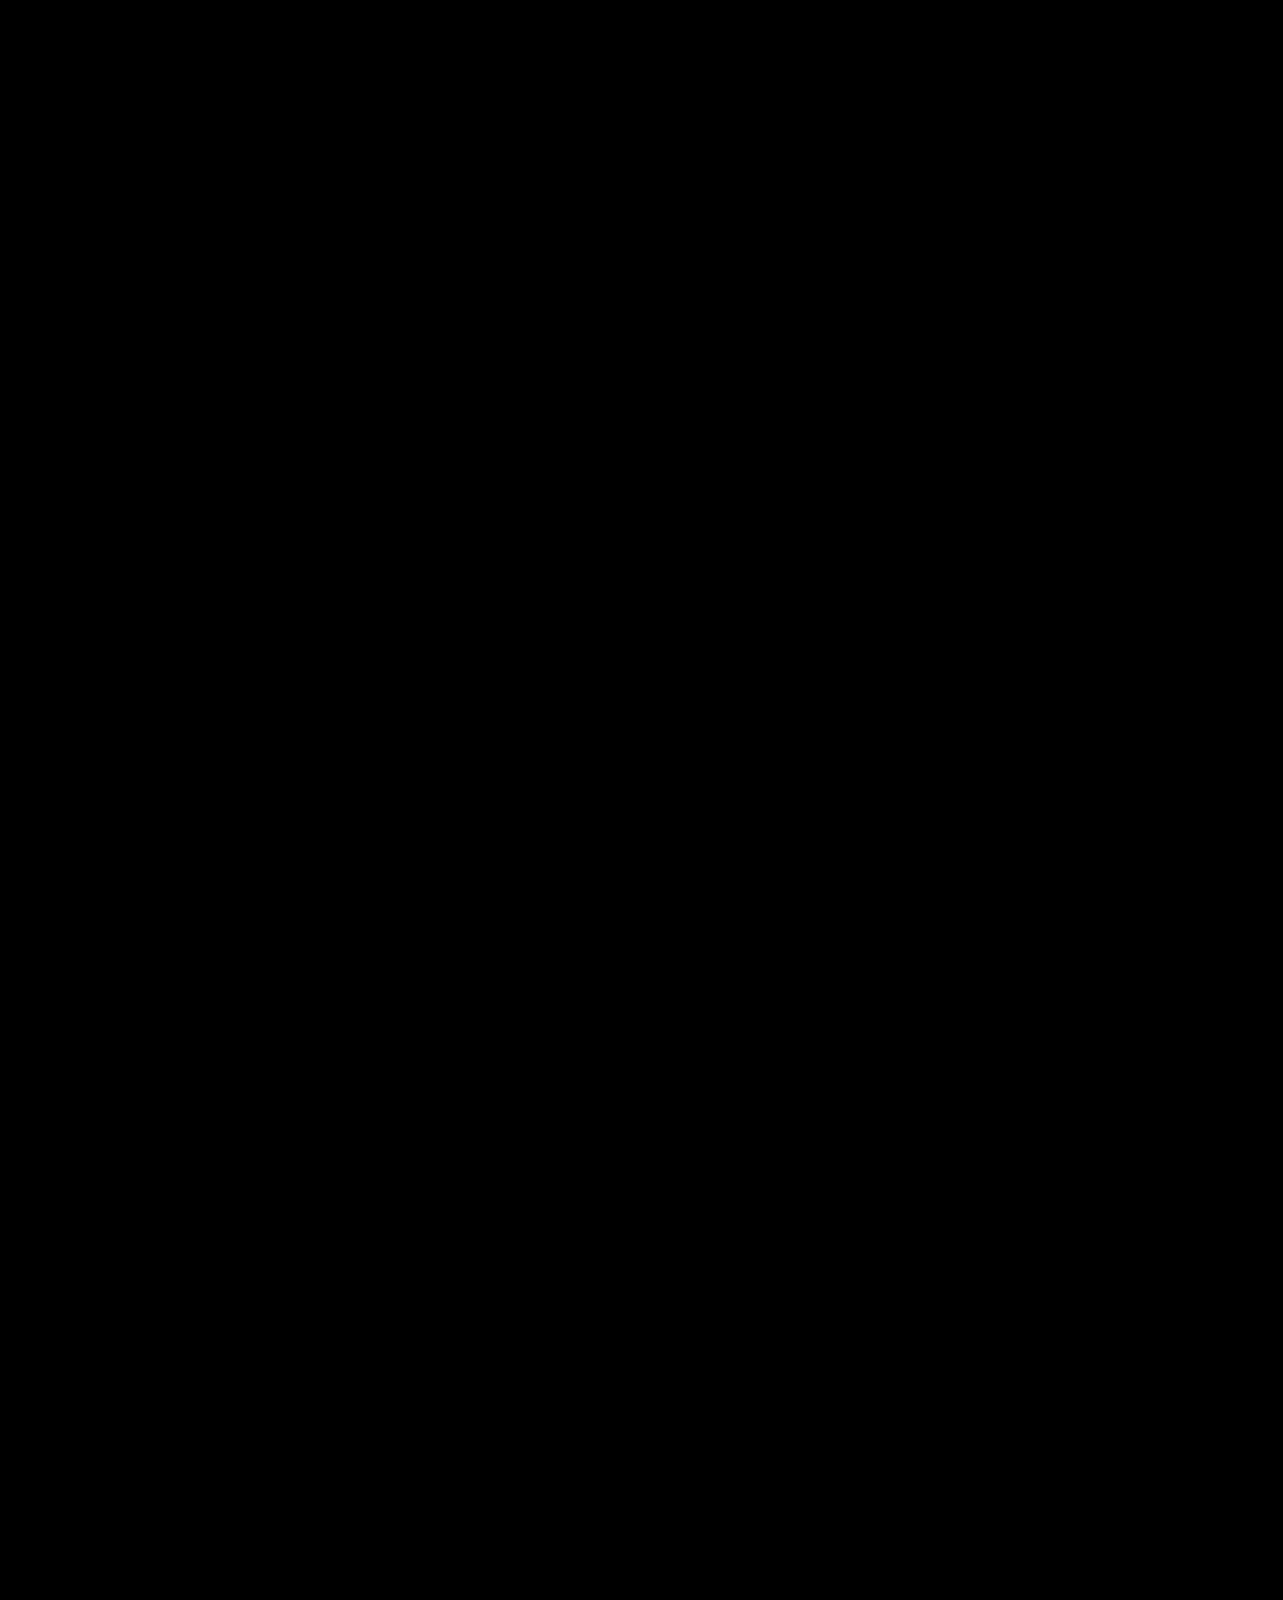 logodol , 全てが高画質&背景透過なアーティストのロゴをお届けするブログ エッジが効いて美しい! ワンオク(ONE OK  ROCK)の高画質透過ロゴ